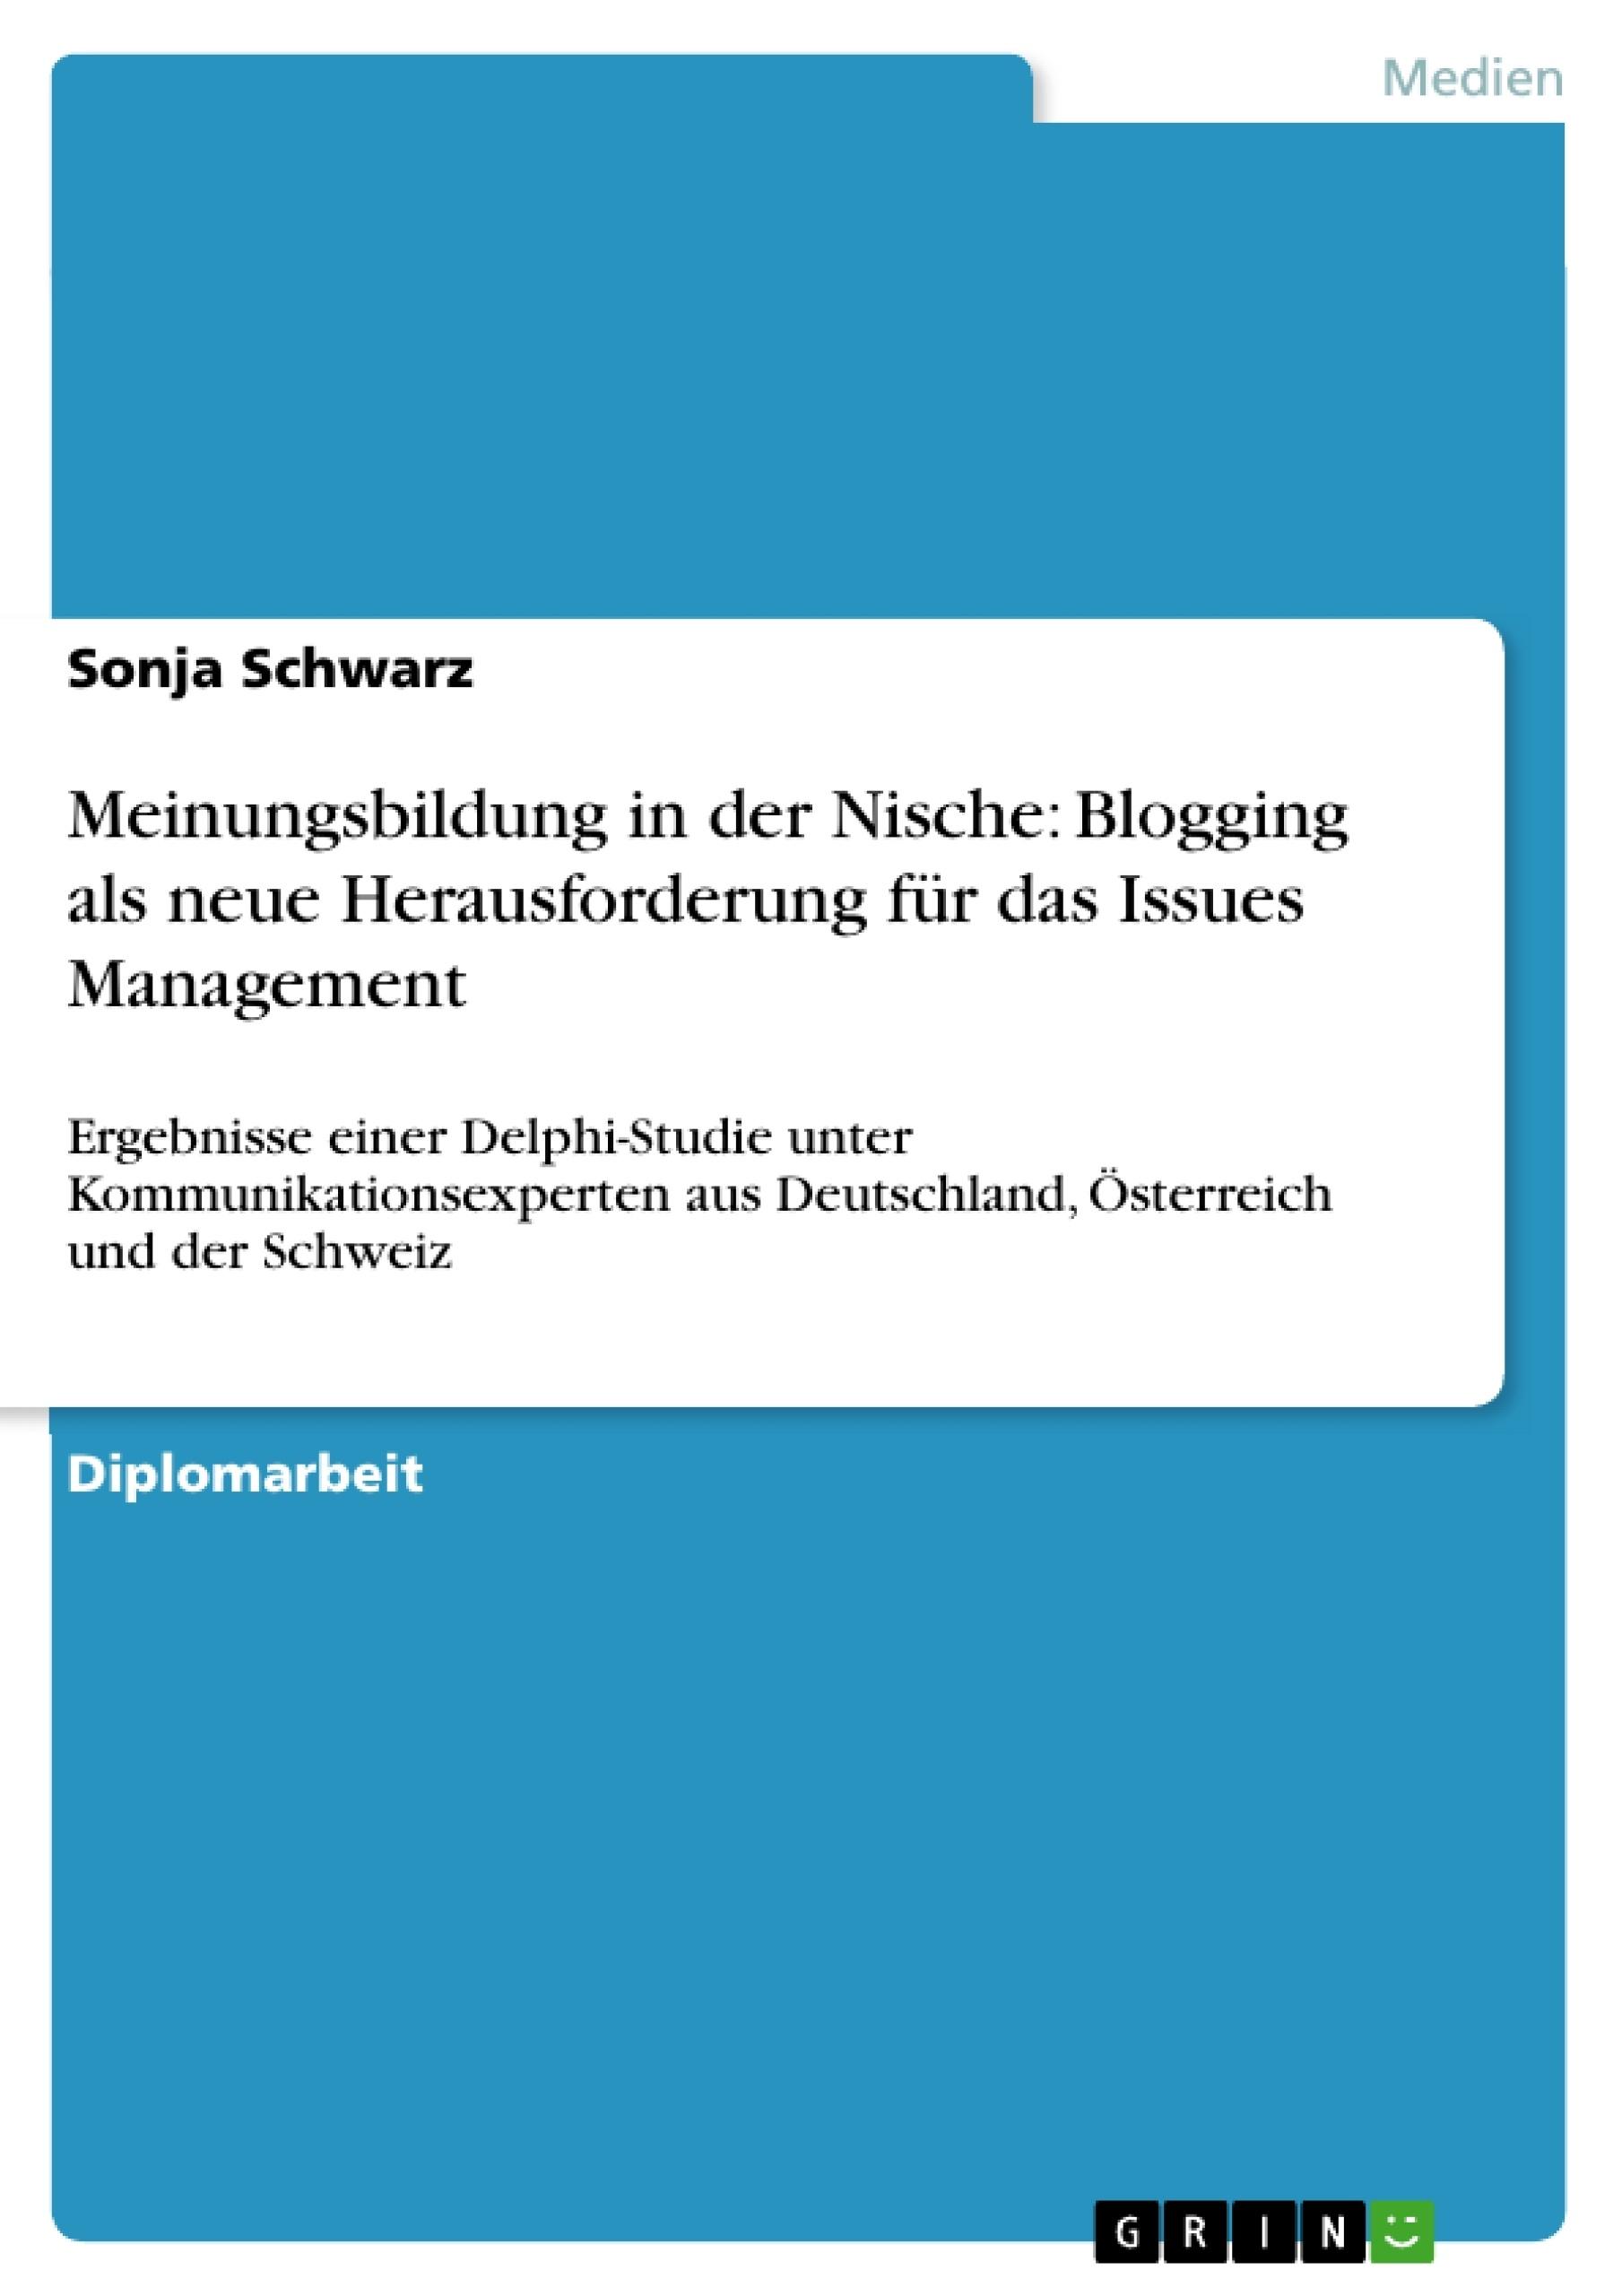 Titel: Meinungsbildung in der Nische: Blogging als neue Herausforderung für das Issues Management